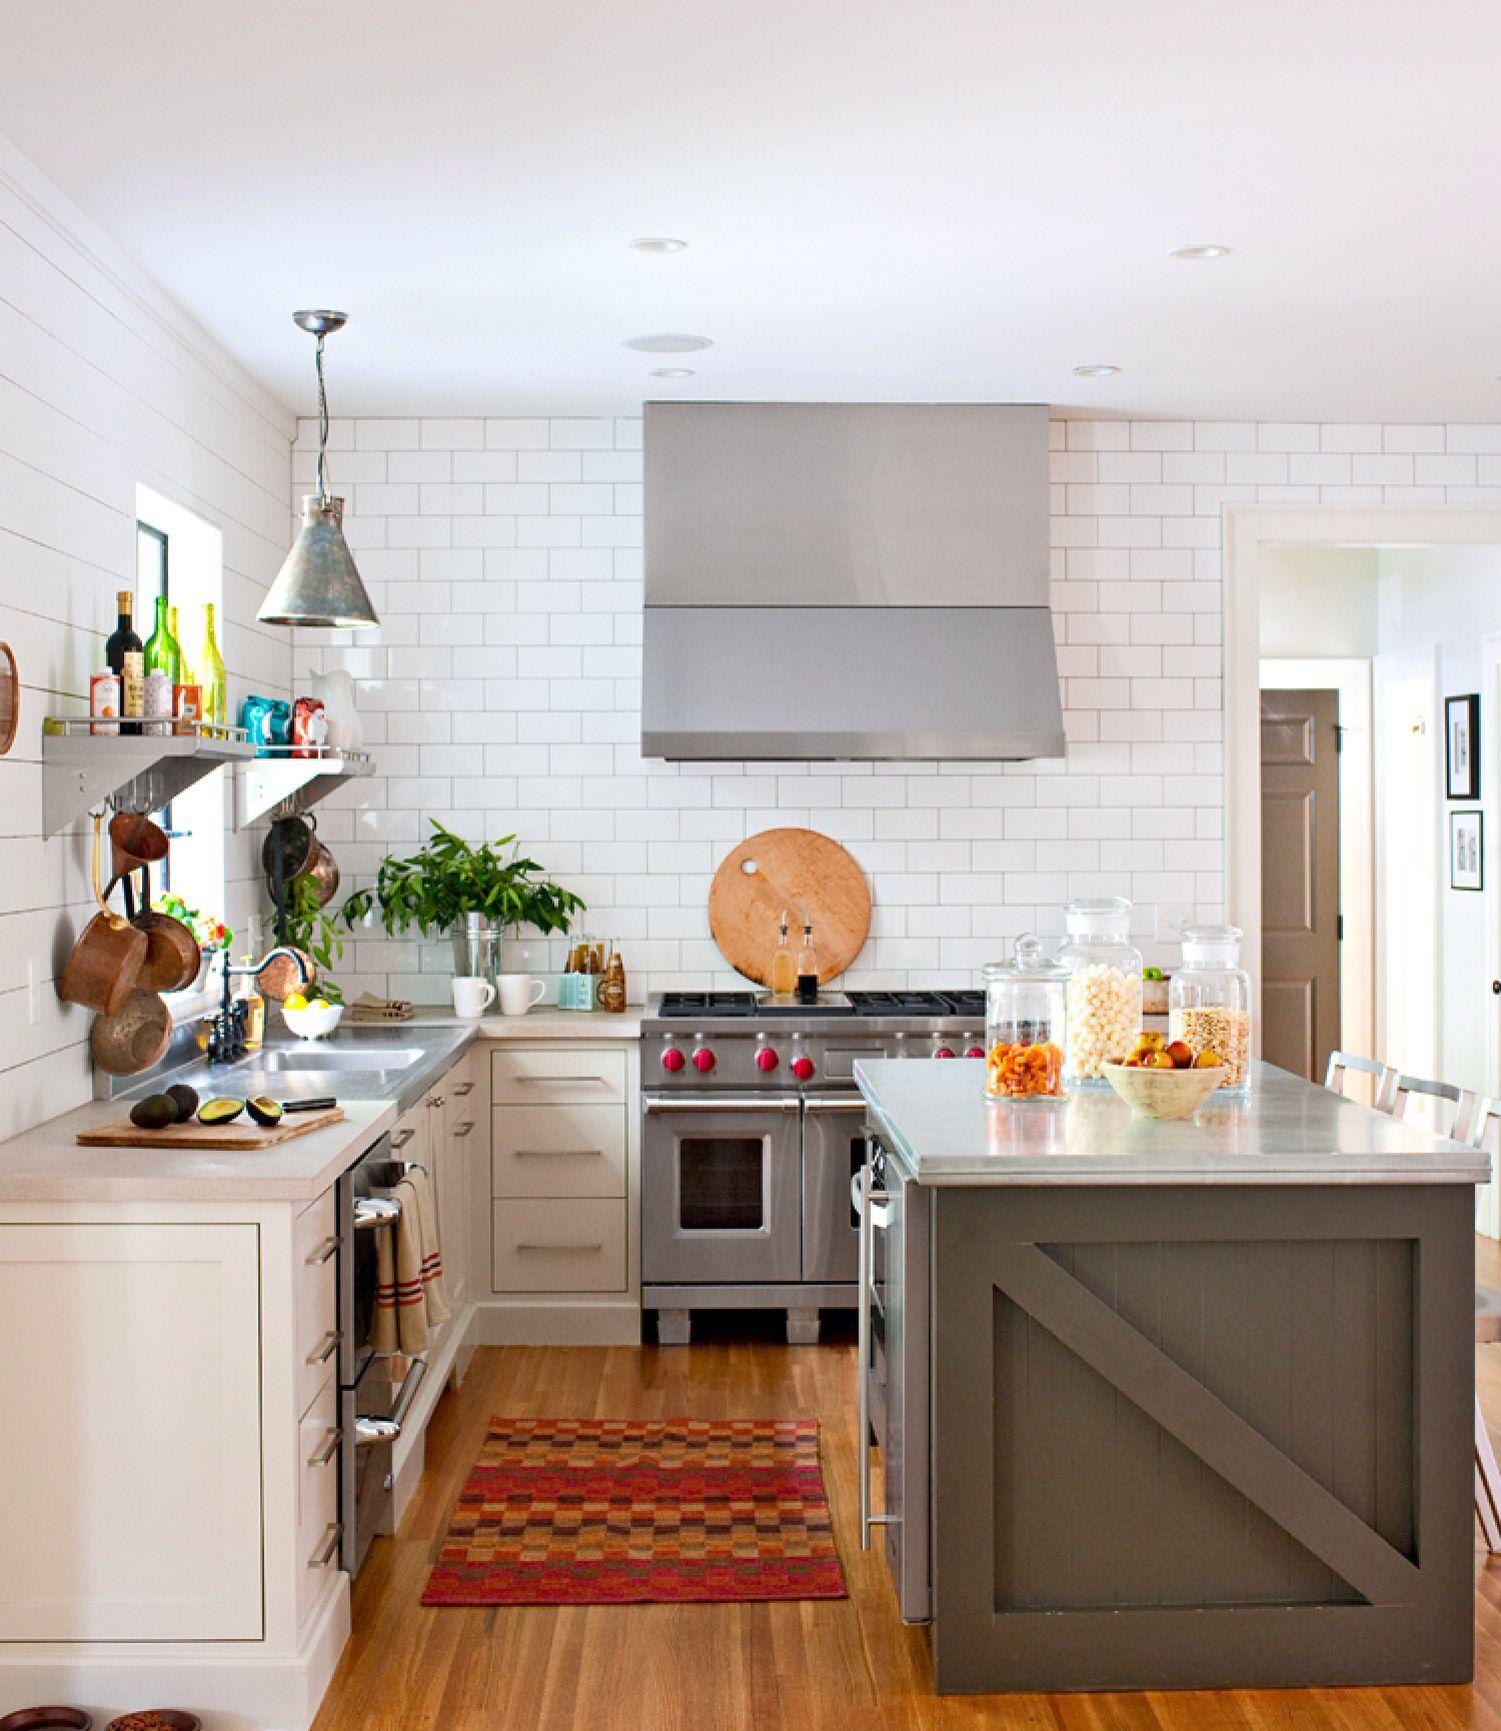 Pin von Holly Briggeman auf Kitchens | Pinterest